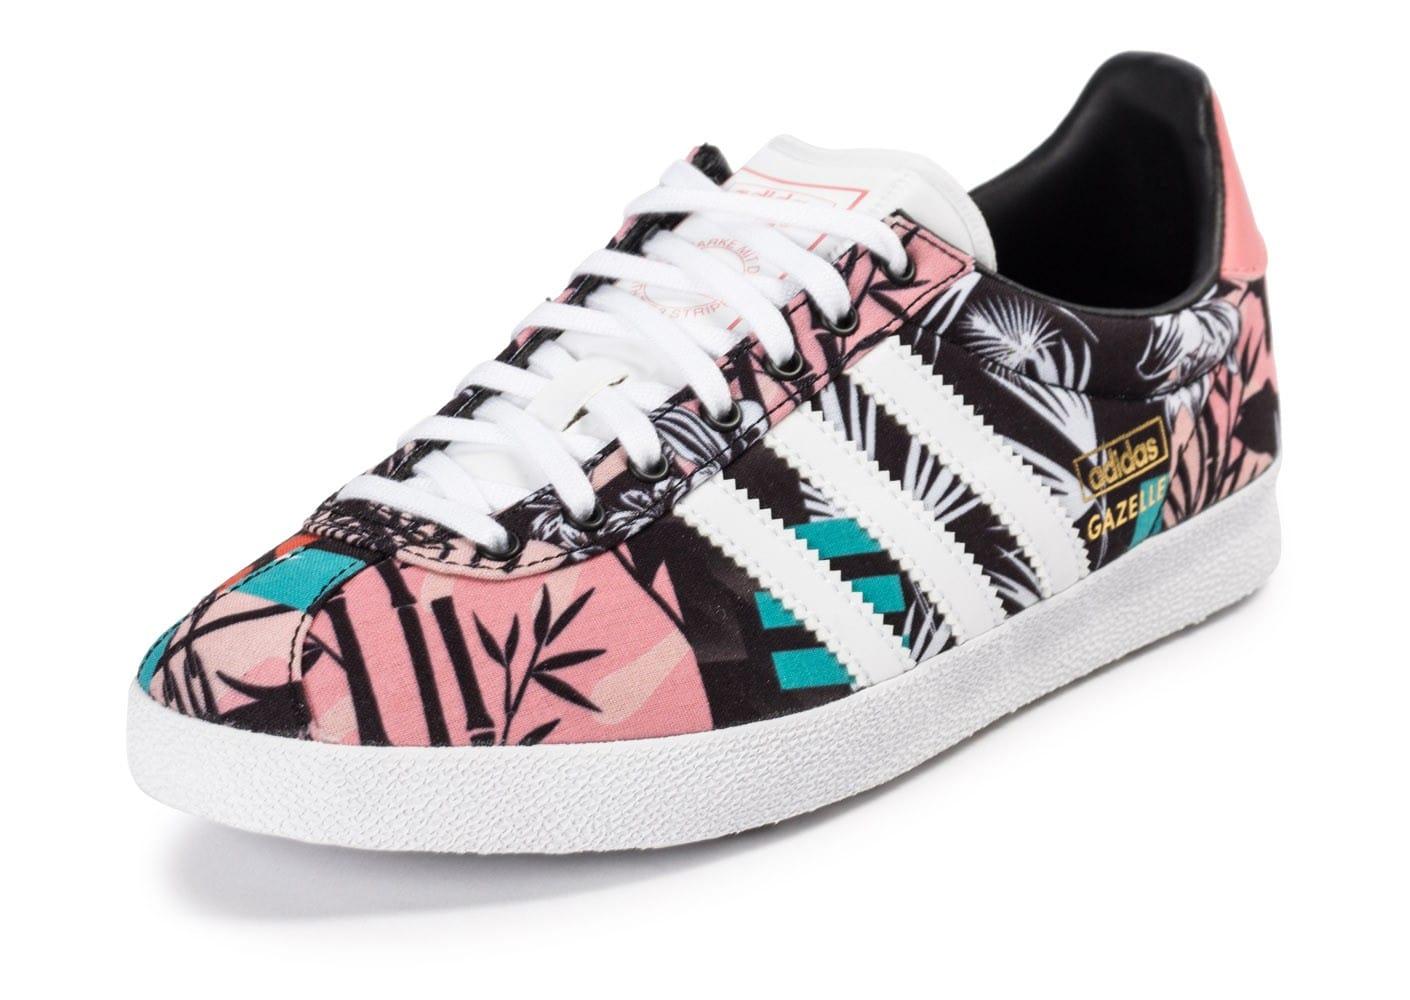 Motif De Gazelle Économiser dédié À Groupe L Adidas Promotion 1cJlKTF